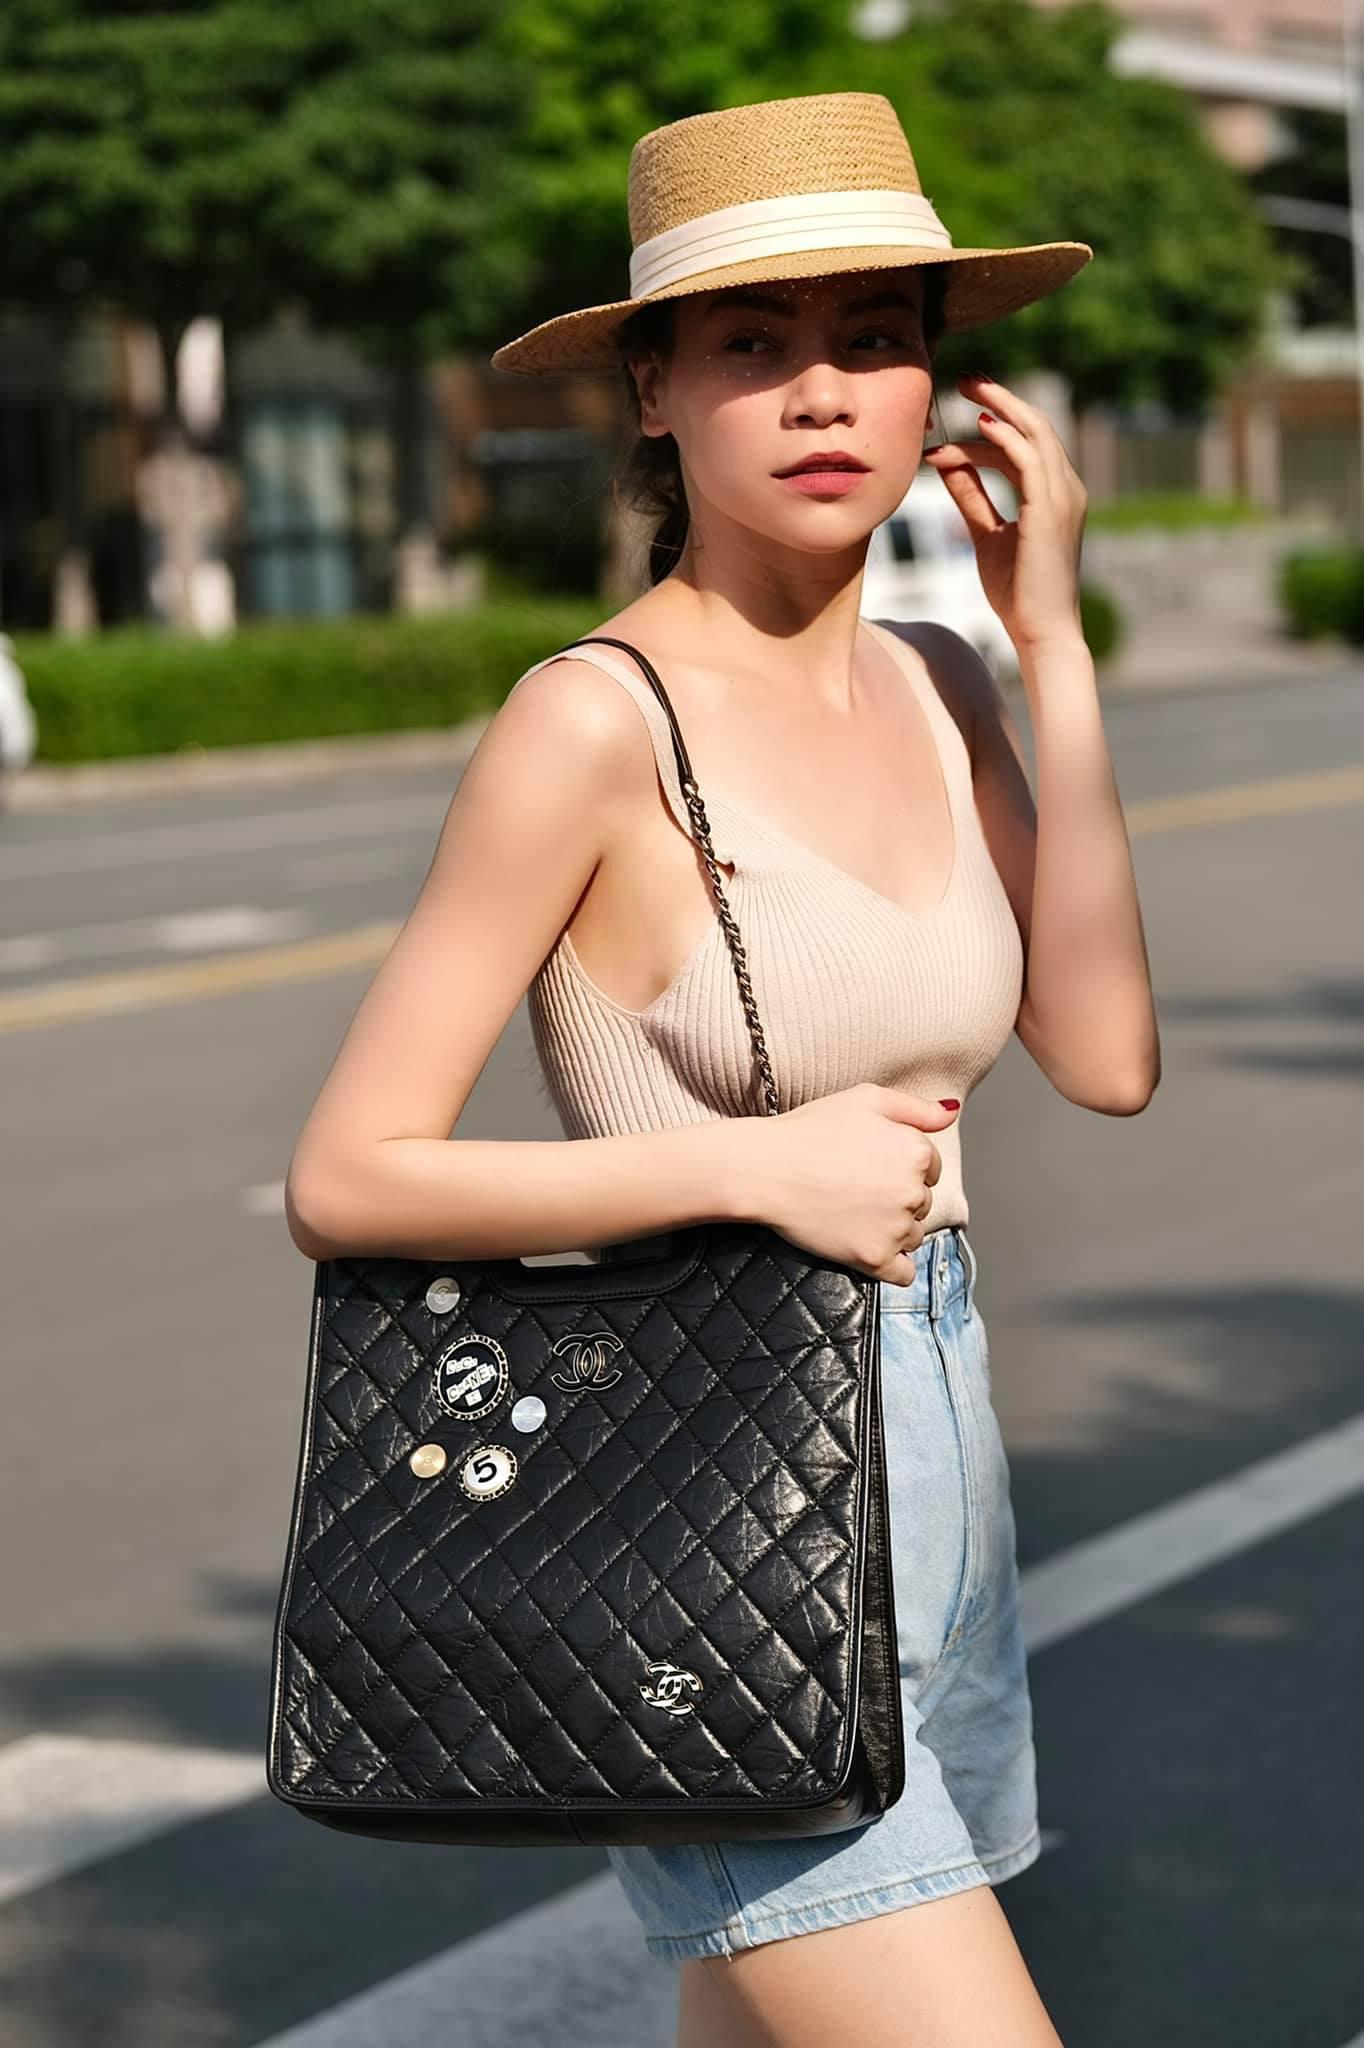 Chất liệu len dệt kim ôm sát body nên rất tôn dáng. Để tránh bị nóng, bạn có thể chọn tanktop dệt kim như Hồ Ngọc Hà.